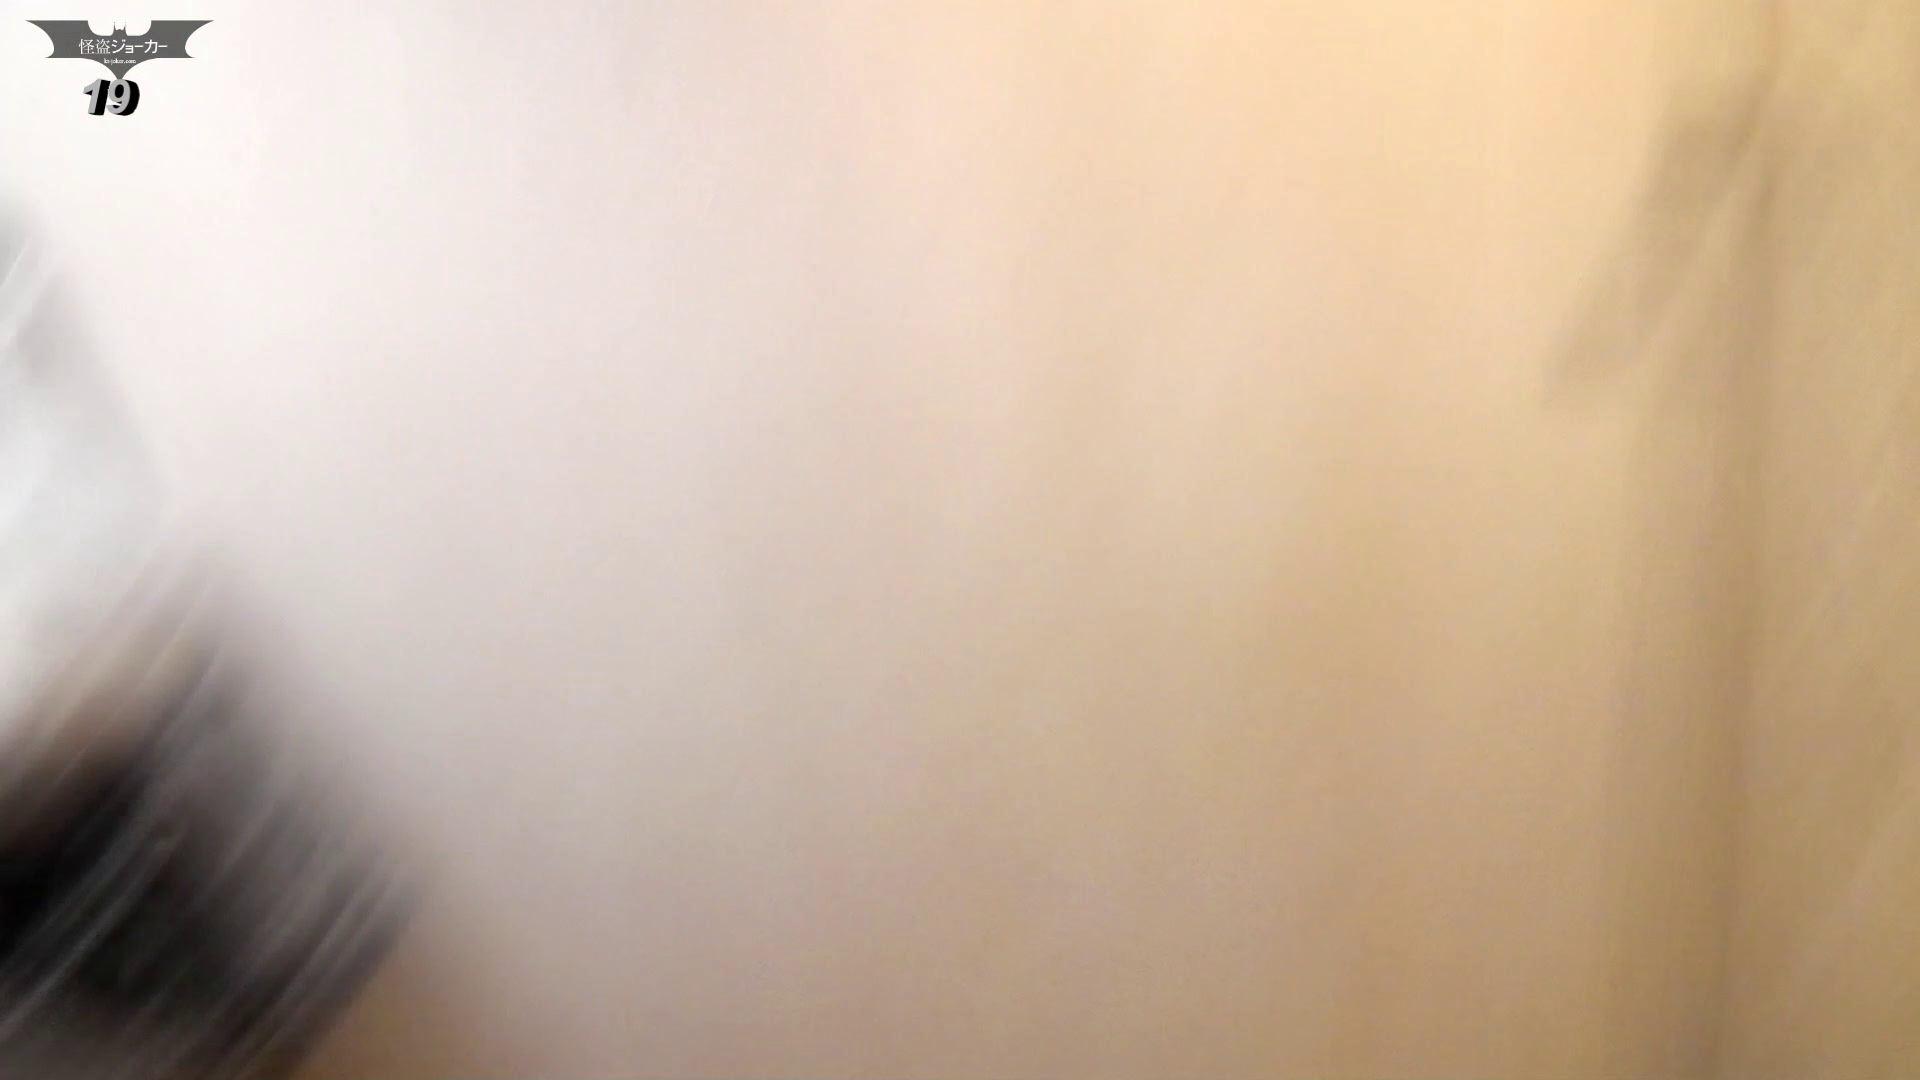 阿国ちゃんの「和式洋式七変化」 (NEW)19 「雫」はしっかりと切るんです! 和式・女子用 エロ無料画像 86画像 83